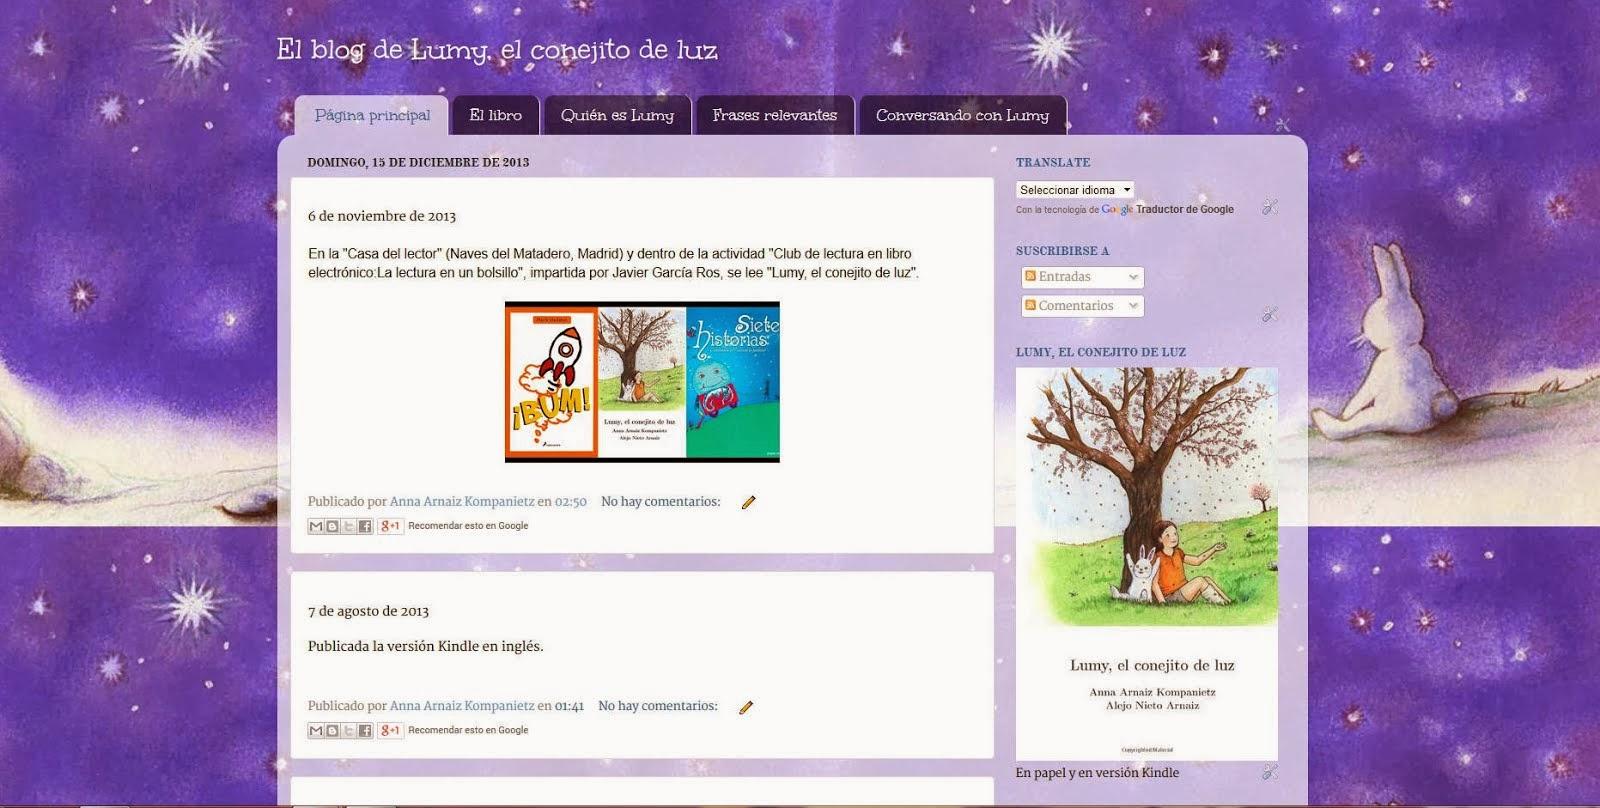 El blog de Lumy, el conejito de luz